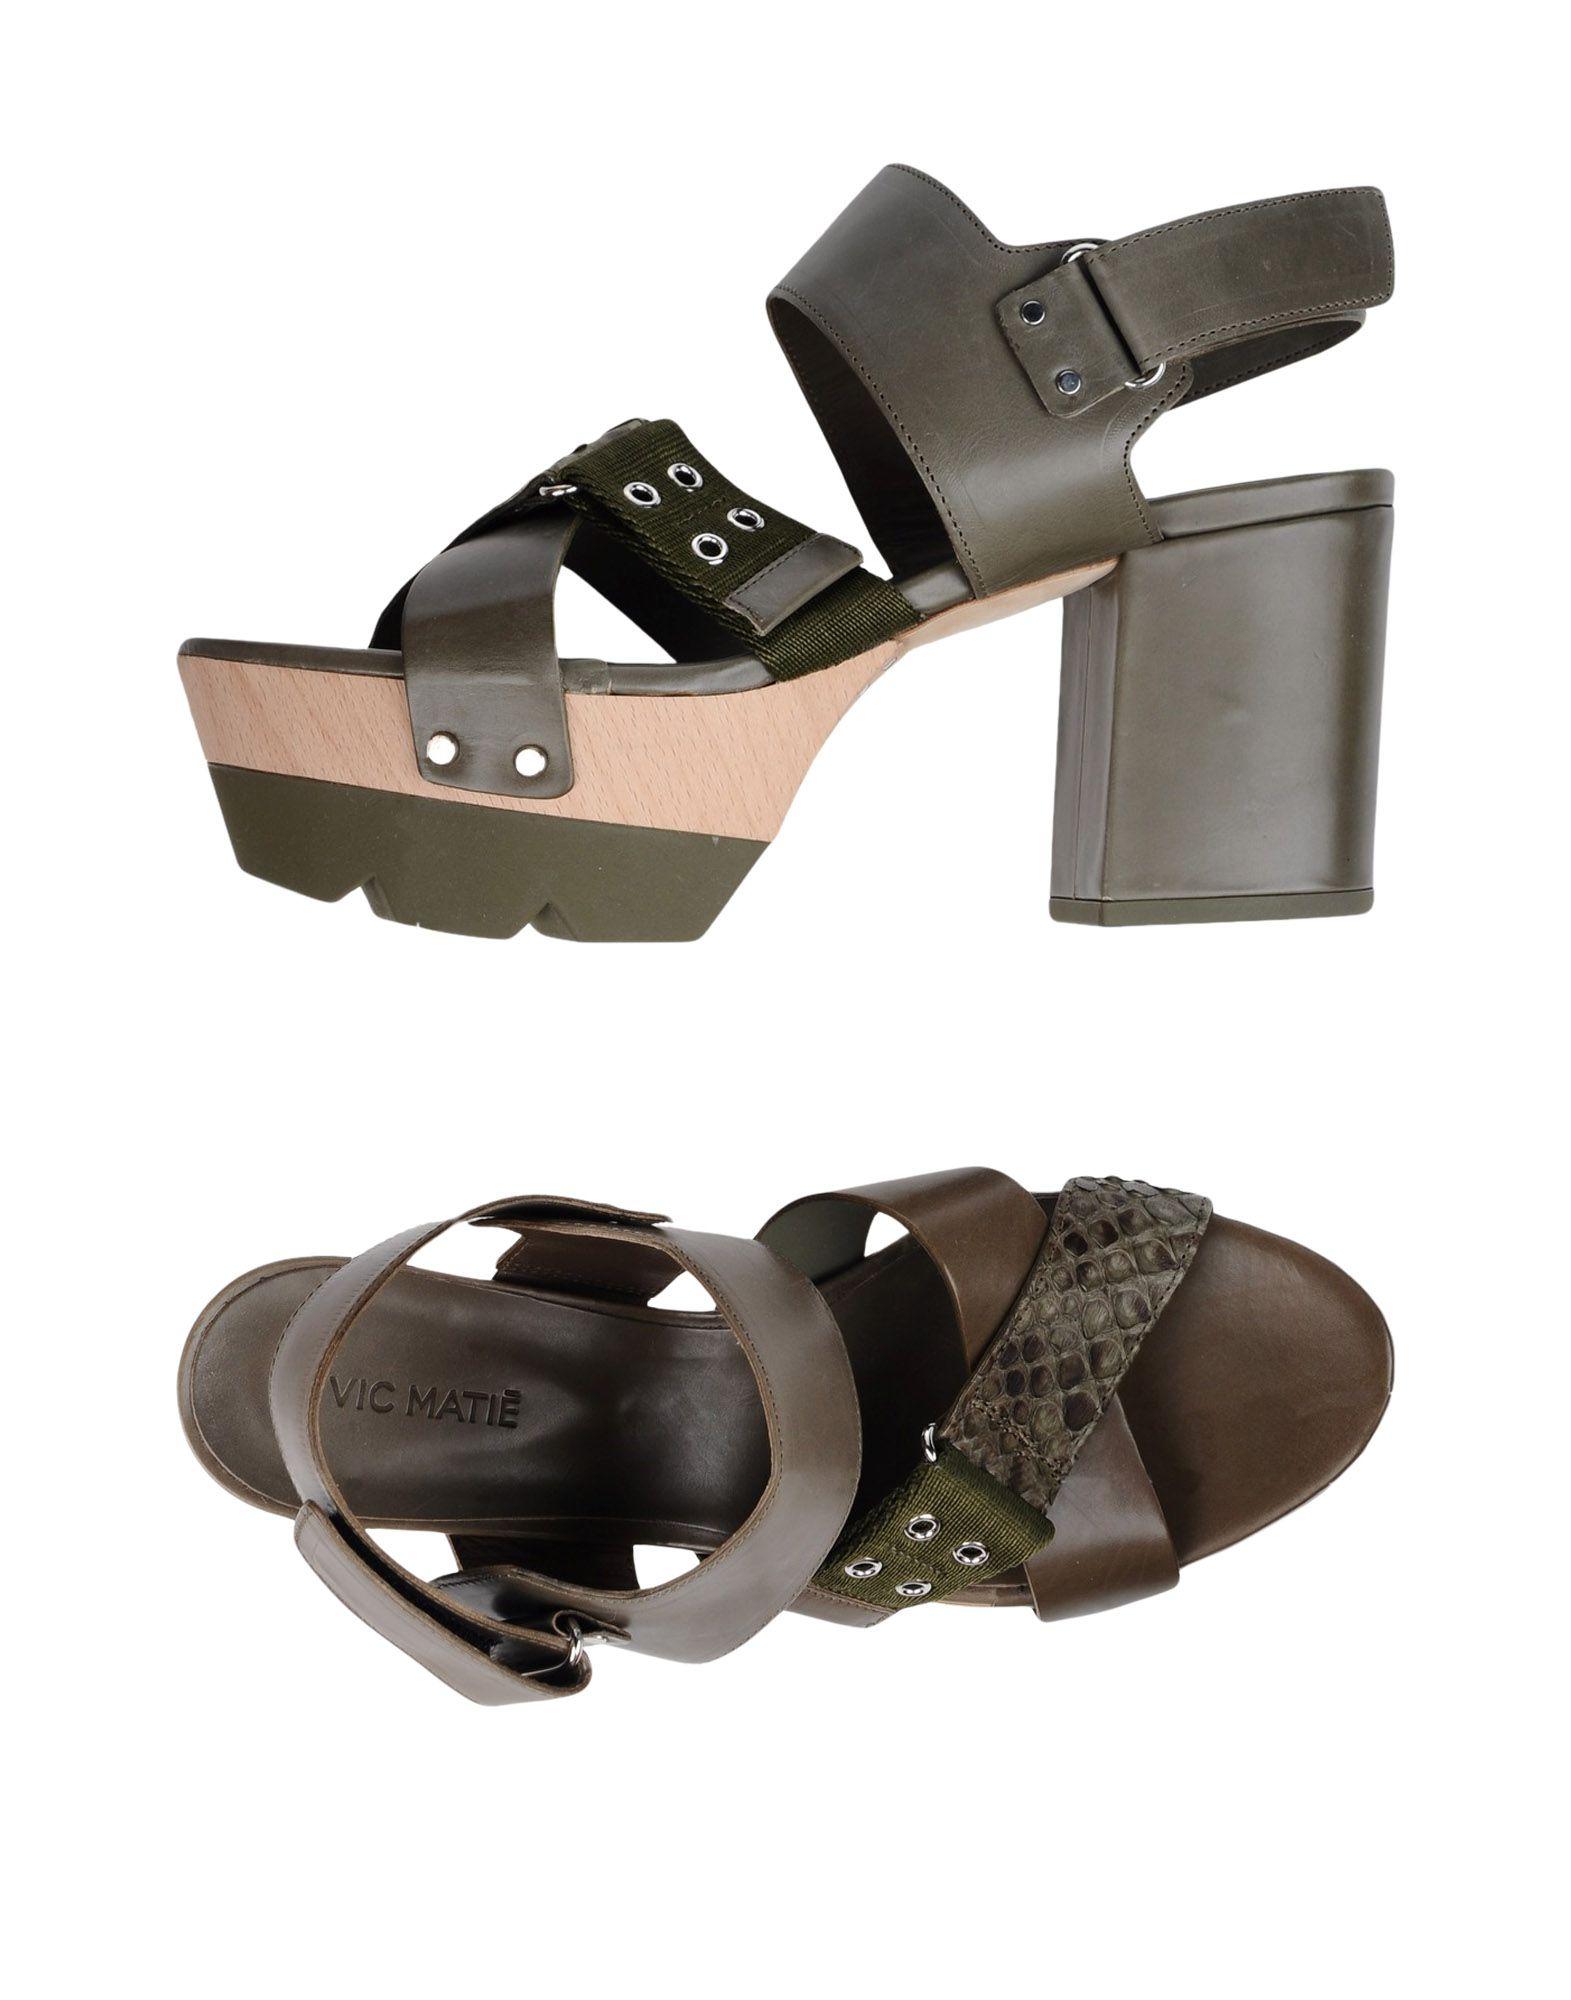 Vic Matiē Sandalen Damen Schuhe  11355036PA Neue Schuhe Damen 72b2d7